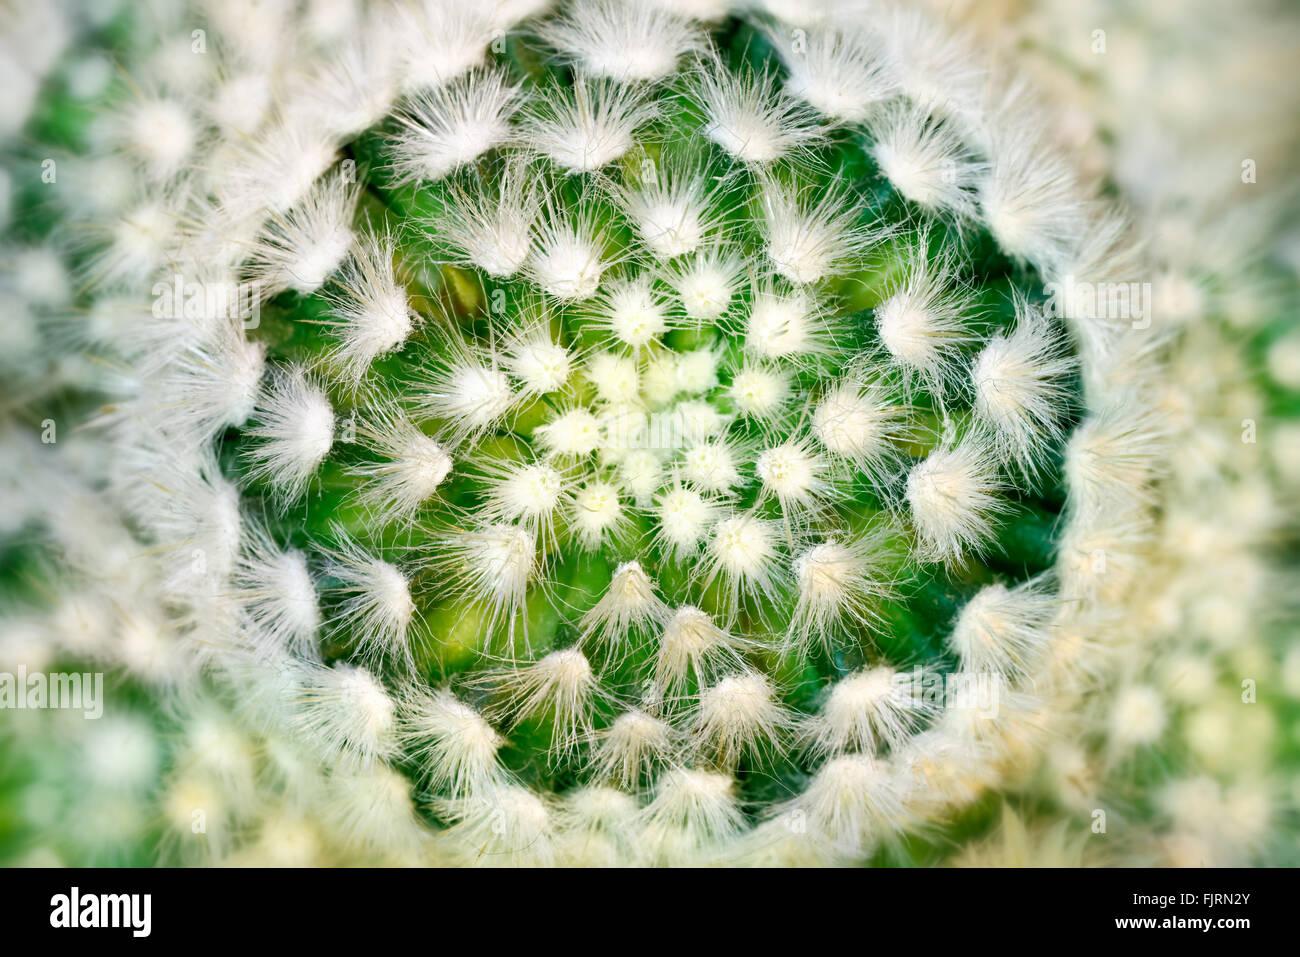 Plantas y árboles: cactus cerca, patrón floral abstracto Imagen De Stock